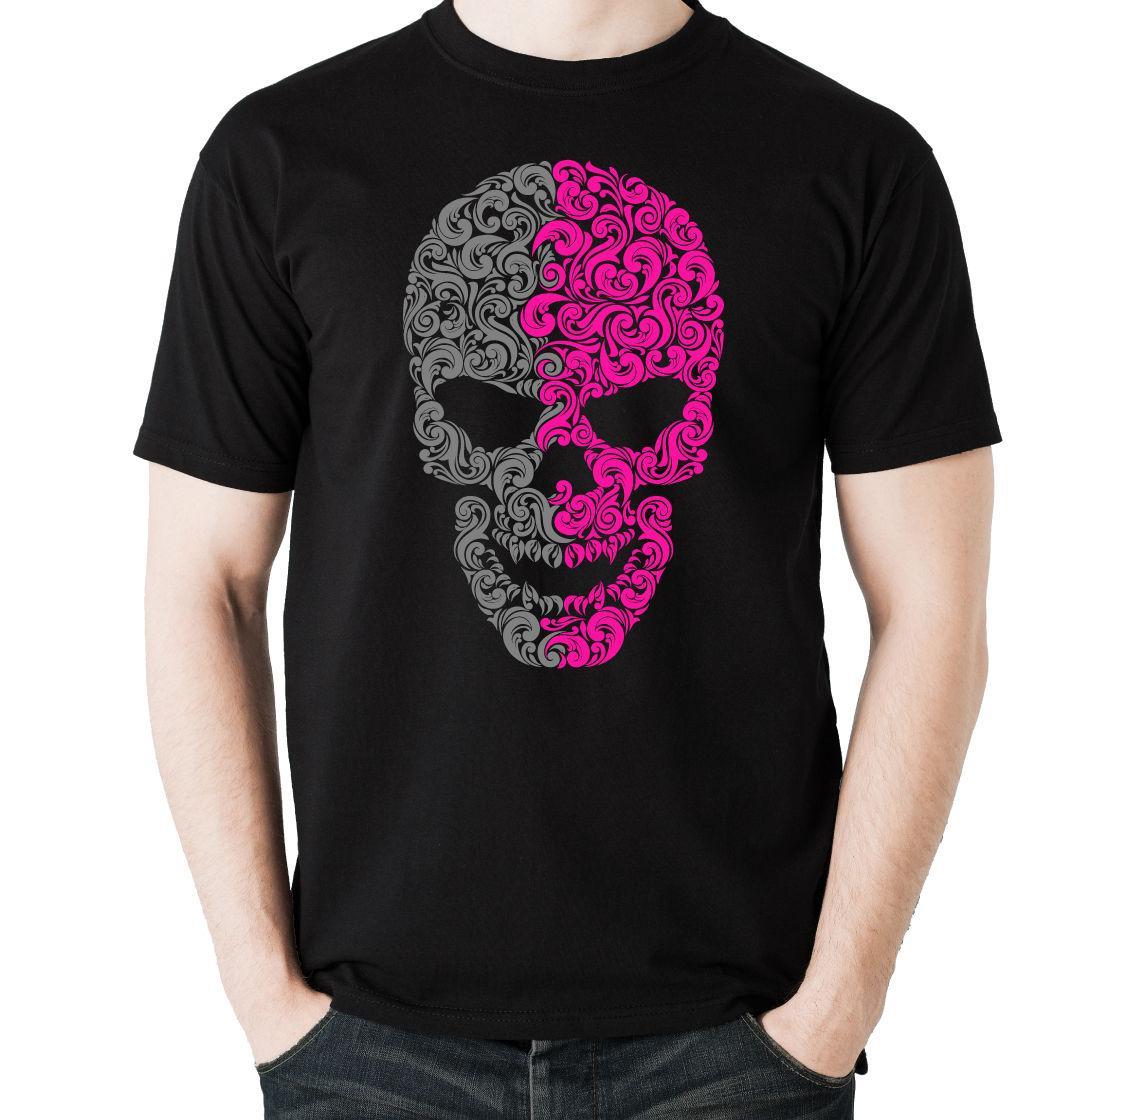 Compre Dos Calaveras Con Dibujos De Colores Hombres Camiseta Divertida  Biker Diseño Fresco Verano Buena Calidad Camisetas A  24.2 Del Margat  ed24ae69be5ac